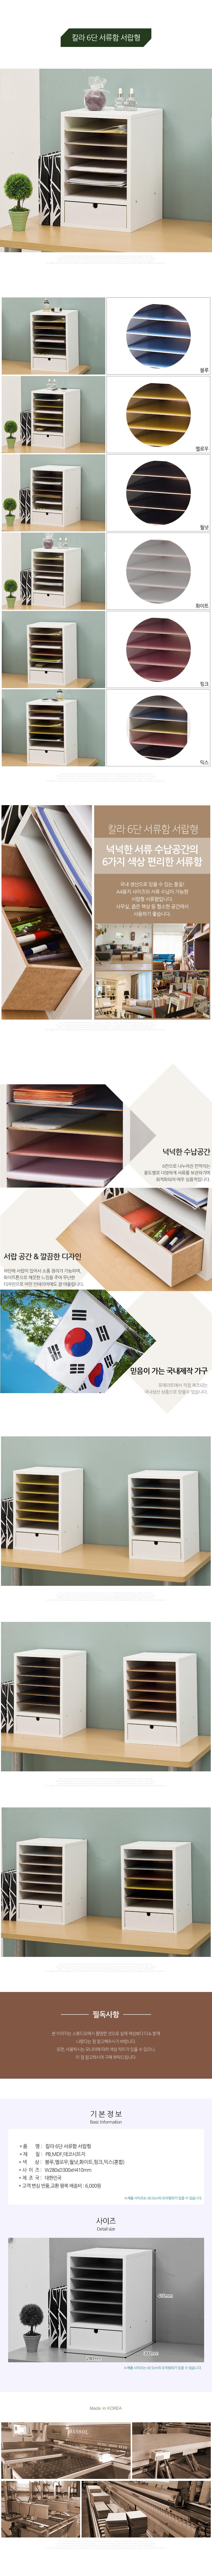 포메리트 칼라 6단 서류함 서랍형 - 포메리트, 30,900원, 데스크정리, 서류/파일홀더